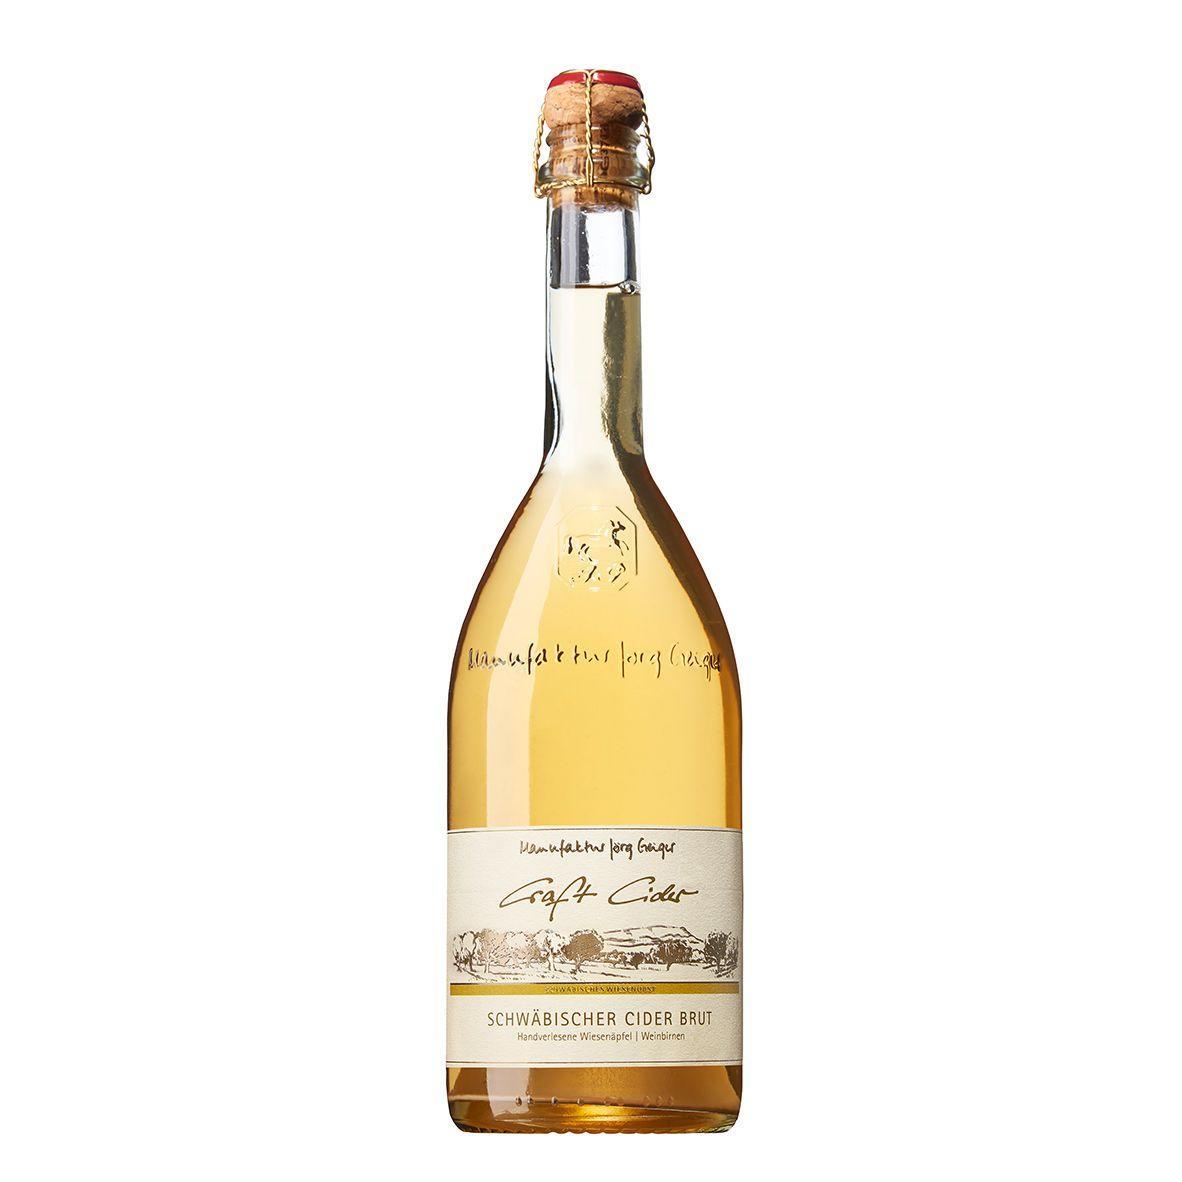 Schwäbischer Cider brut - CC 0,75l